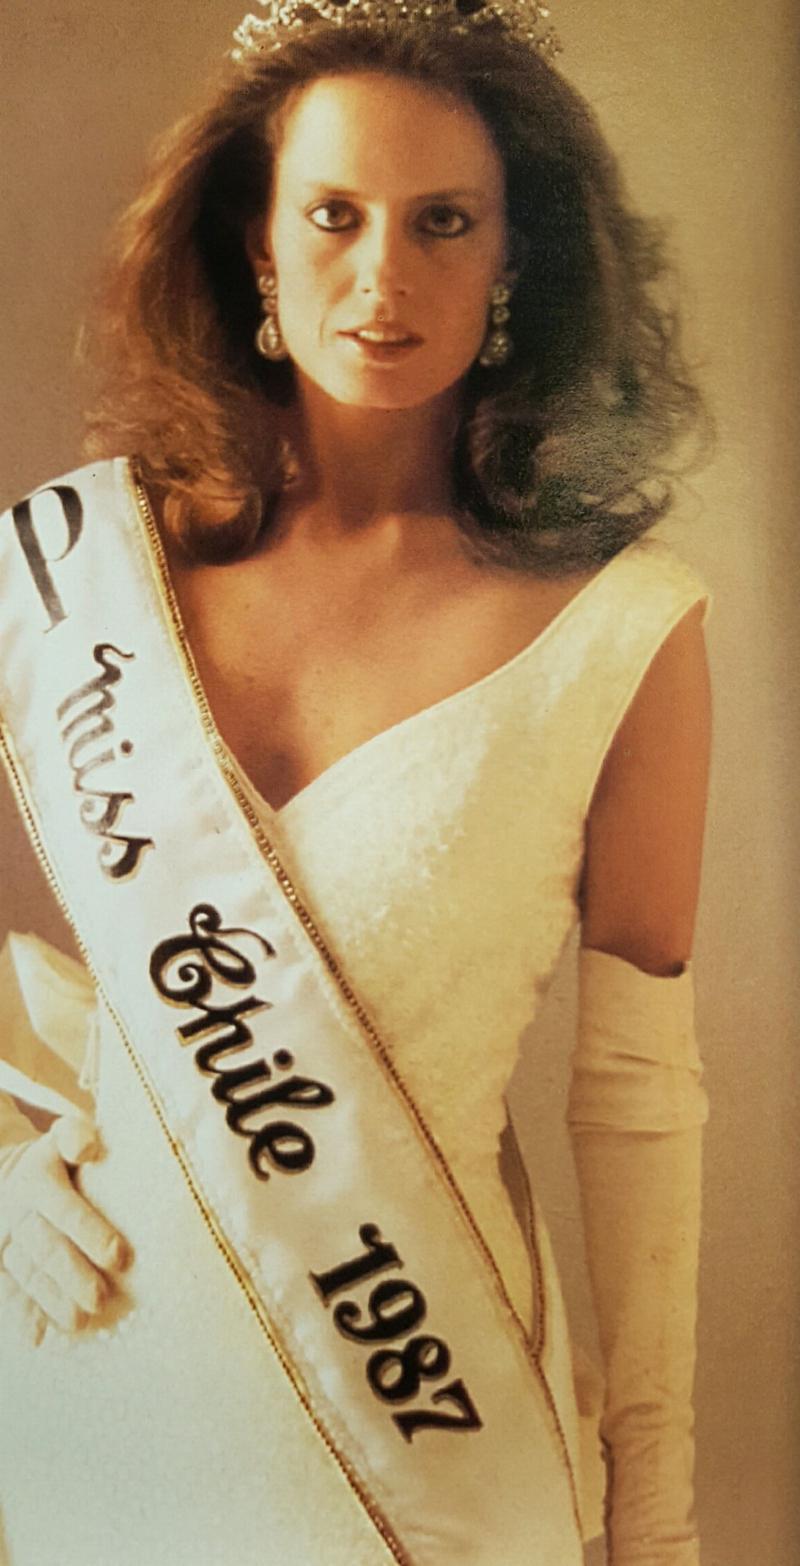 cecilia bolocco, miss universe 1987. 14954811